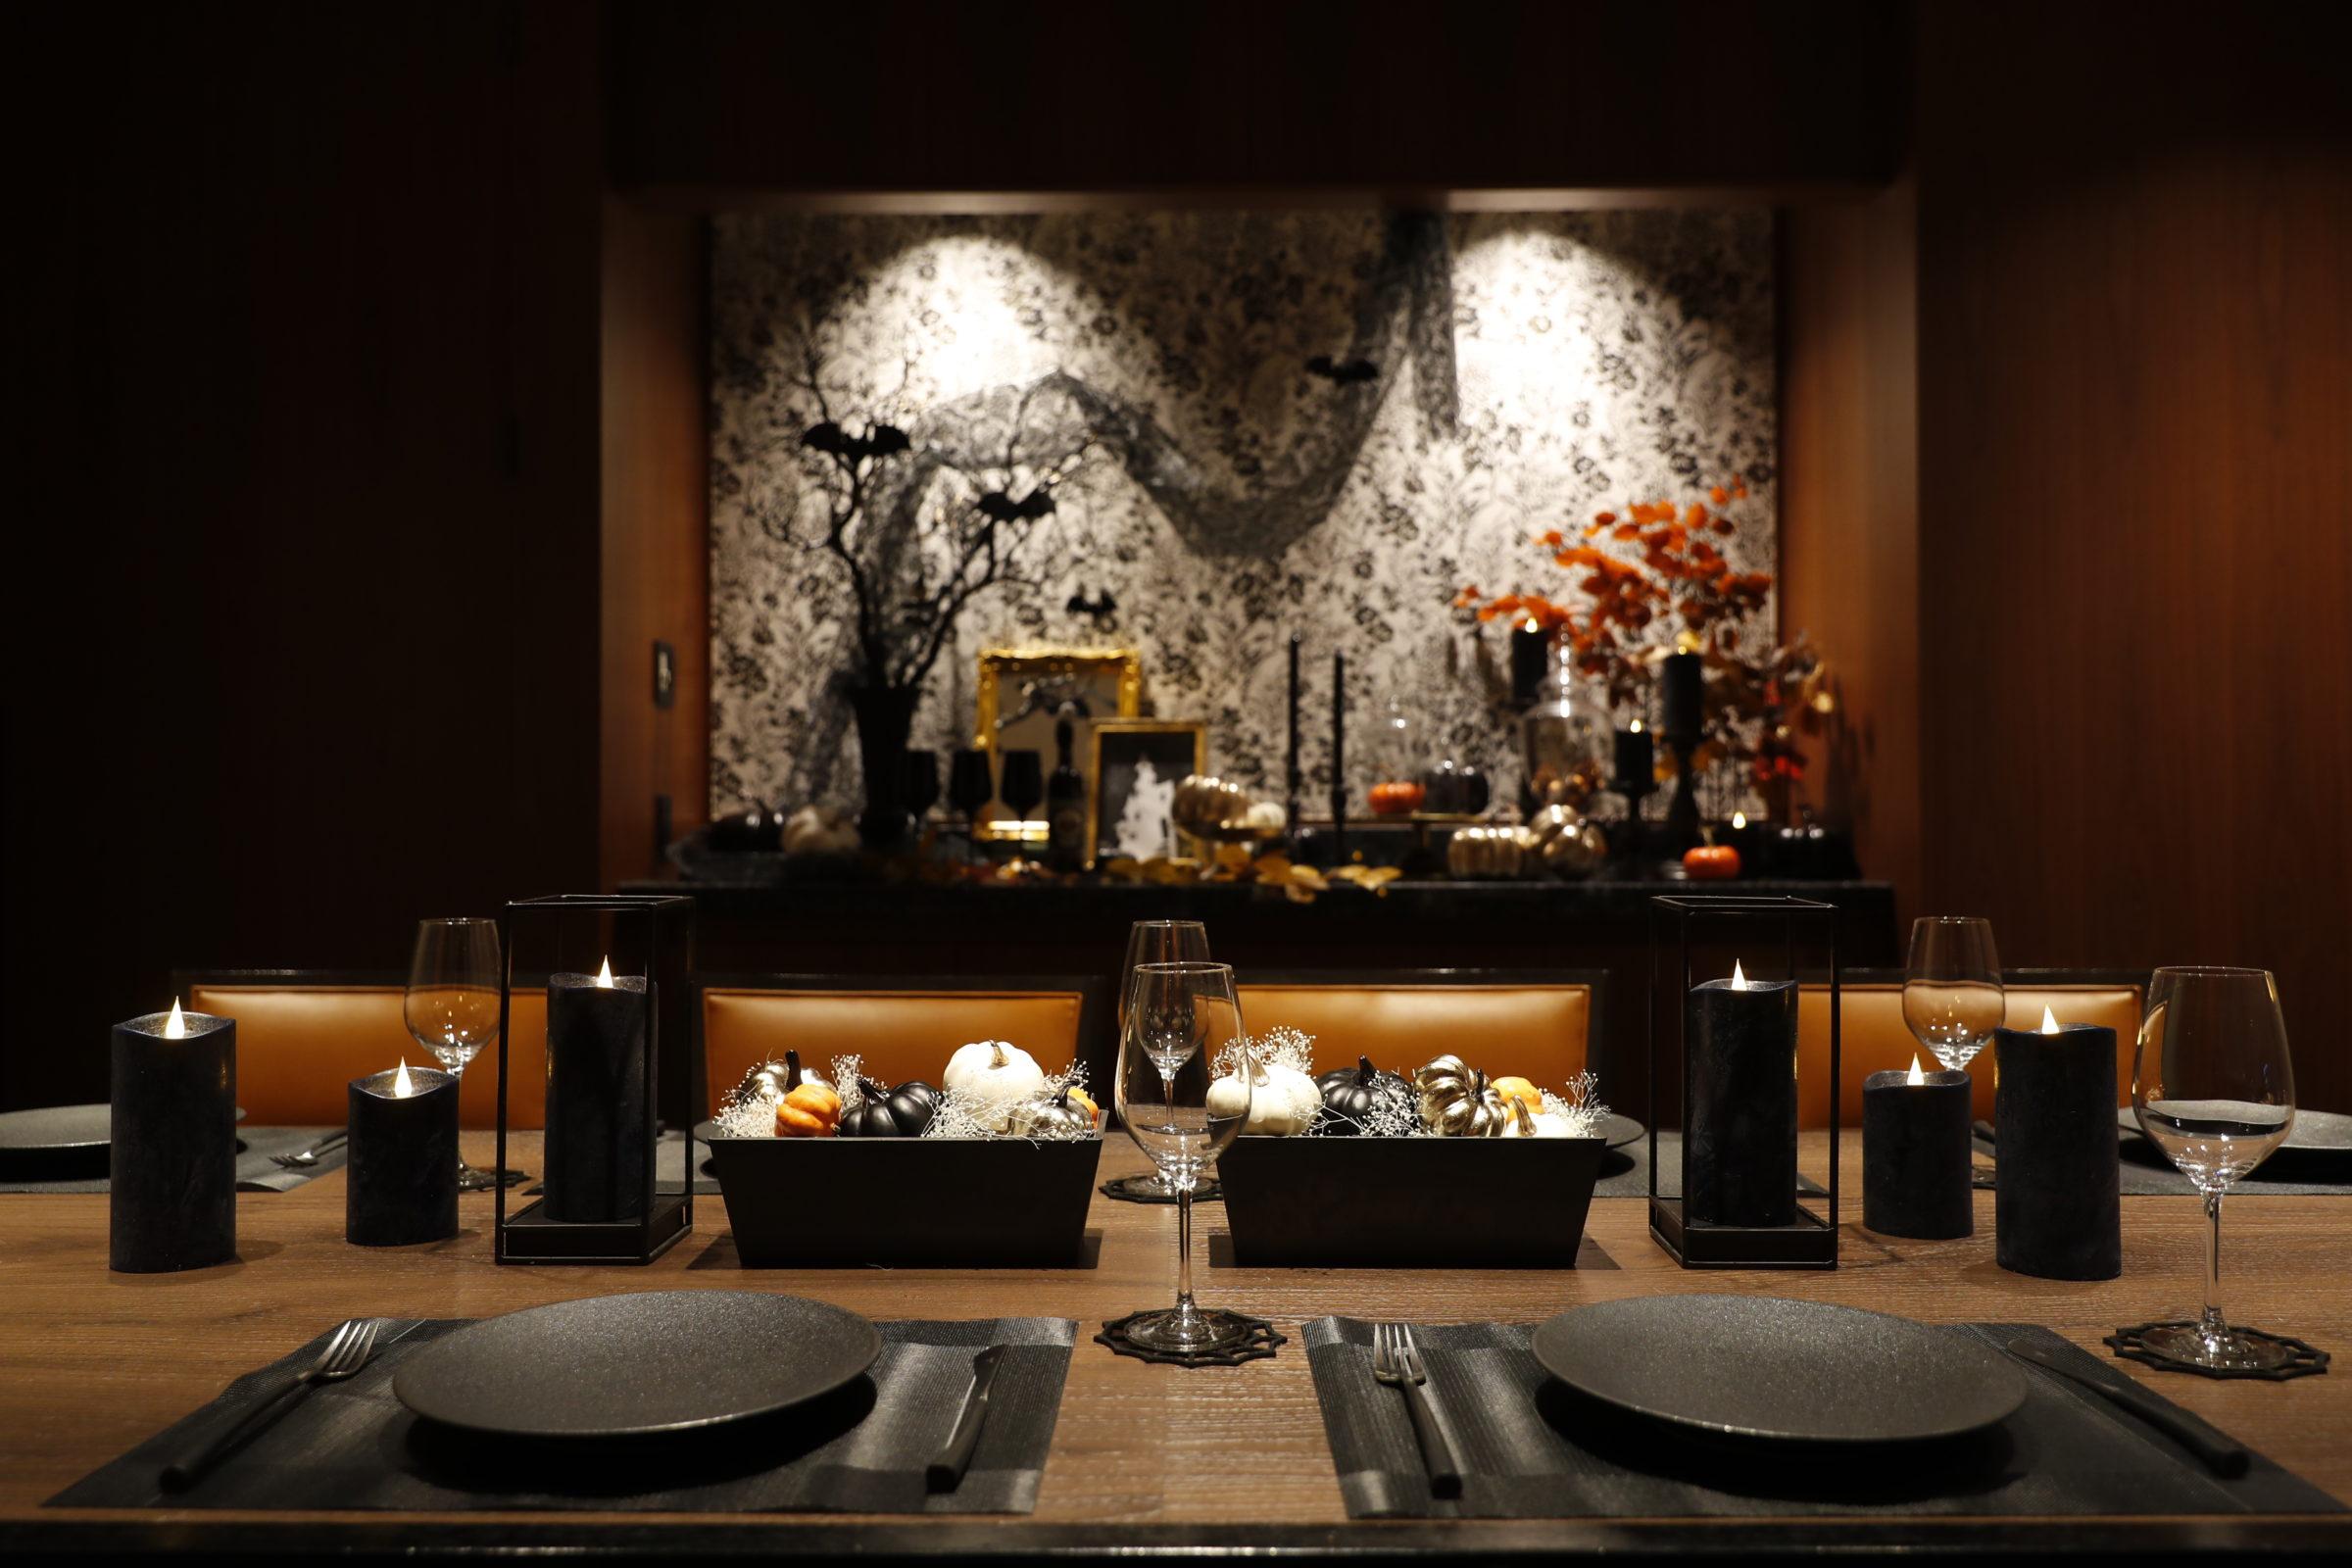 ホテル雅叙園東京 で大人のハロウィン 山本侑貴子氏監修の「ハロウィンルーム」も登場